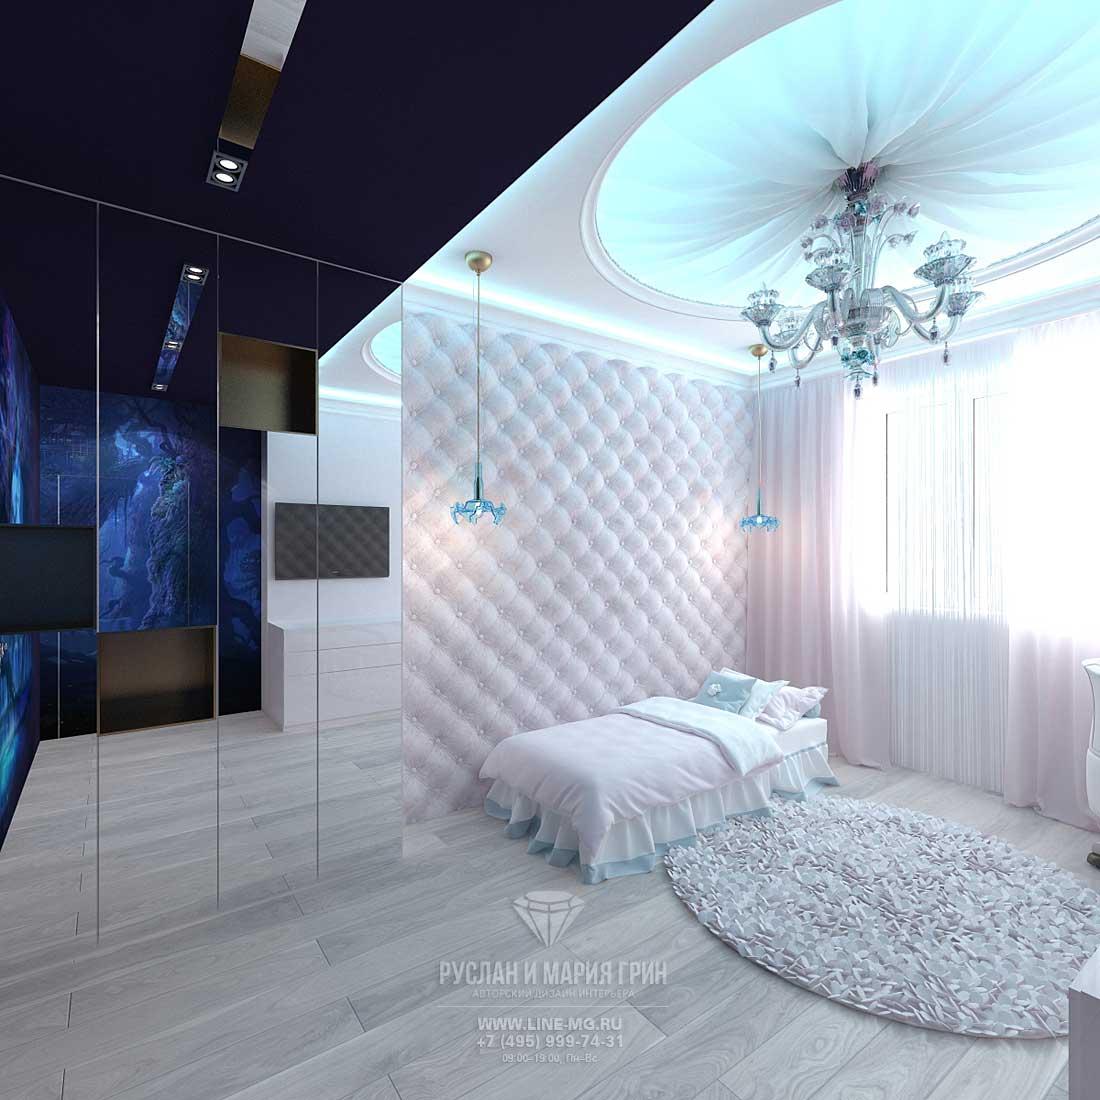 Дизайн детской комнаты для девочки. Современные идеи. Новинки 2015